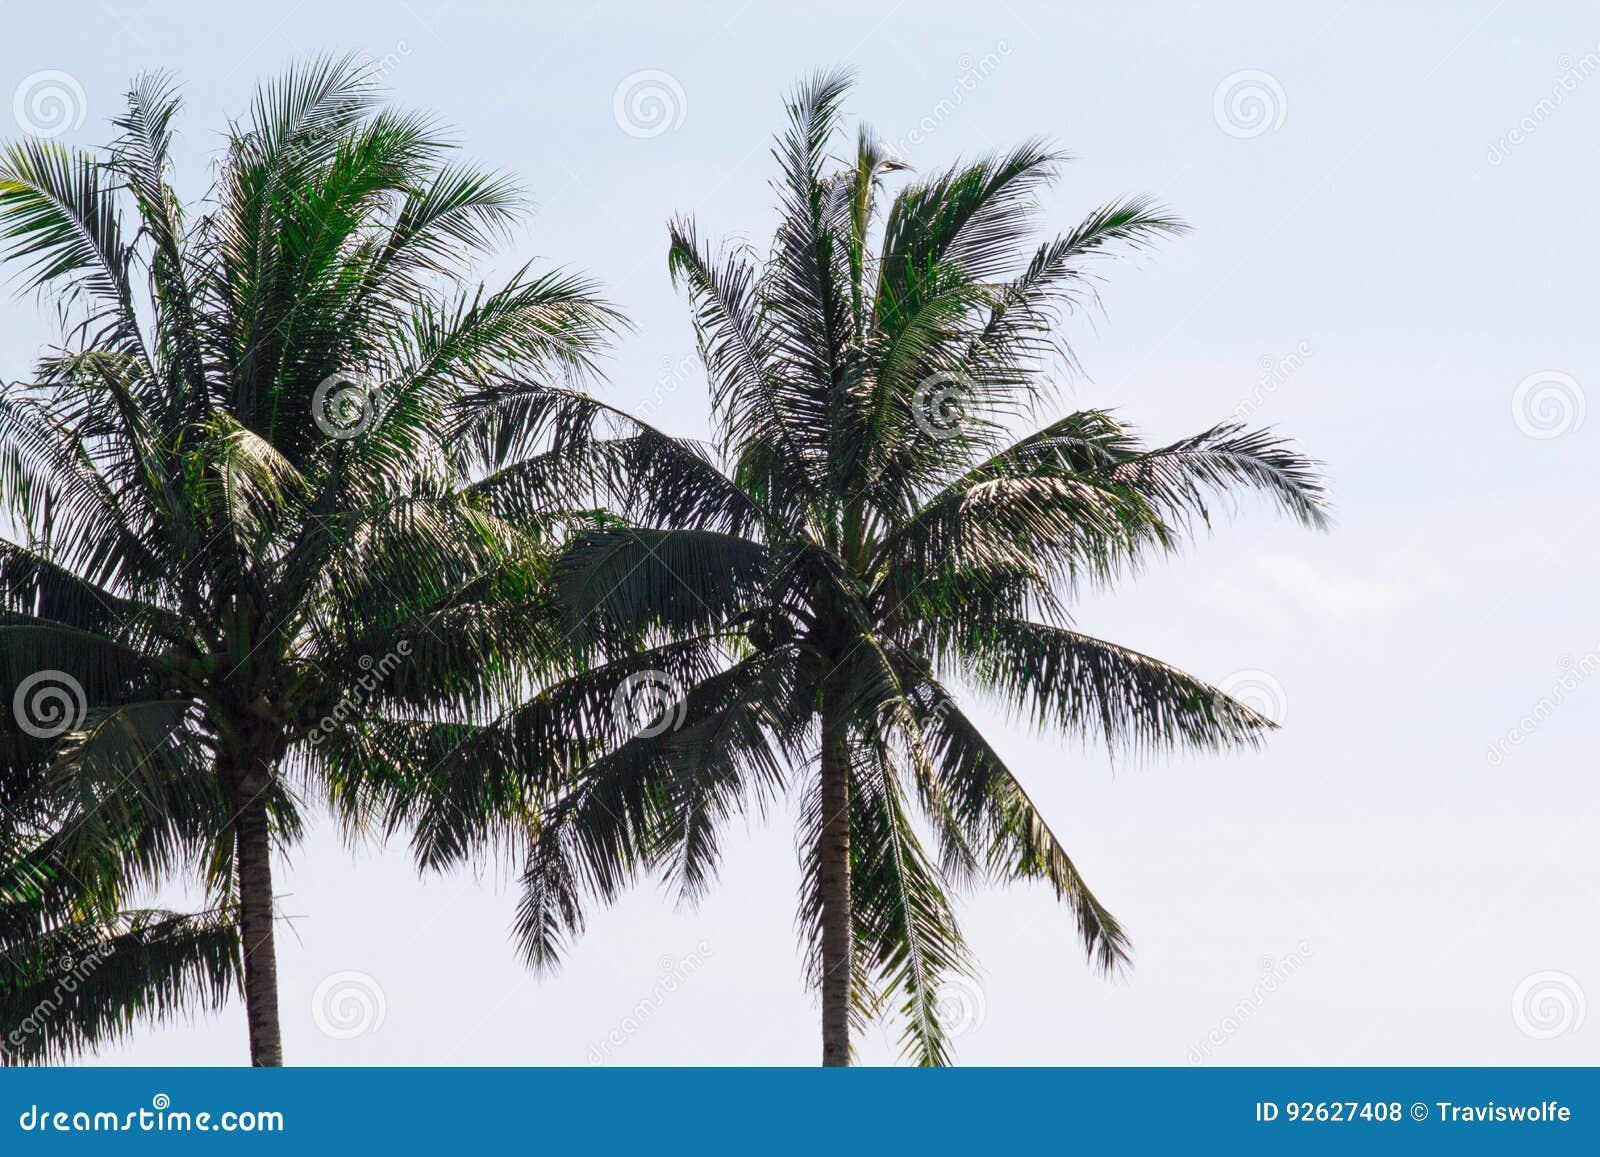 摇摆在通风咸海湾的双棕榈树在孤立吹微风